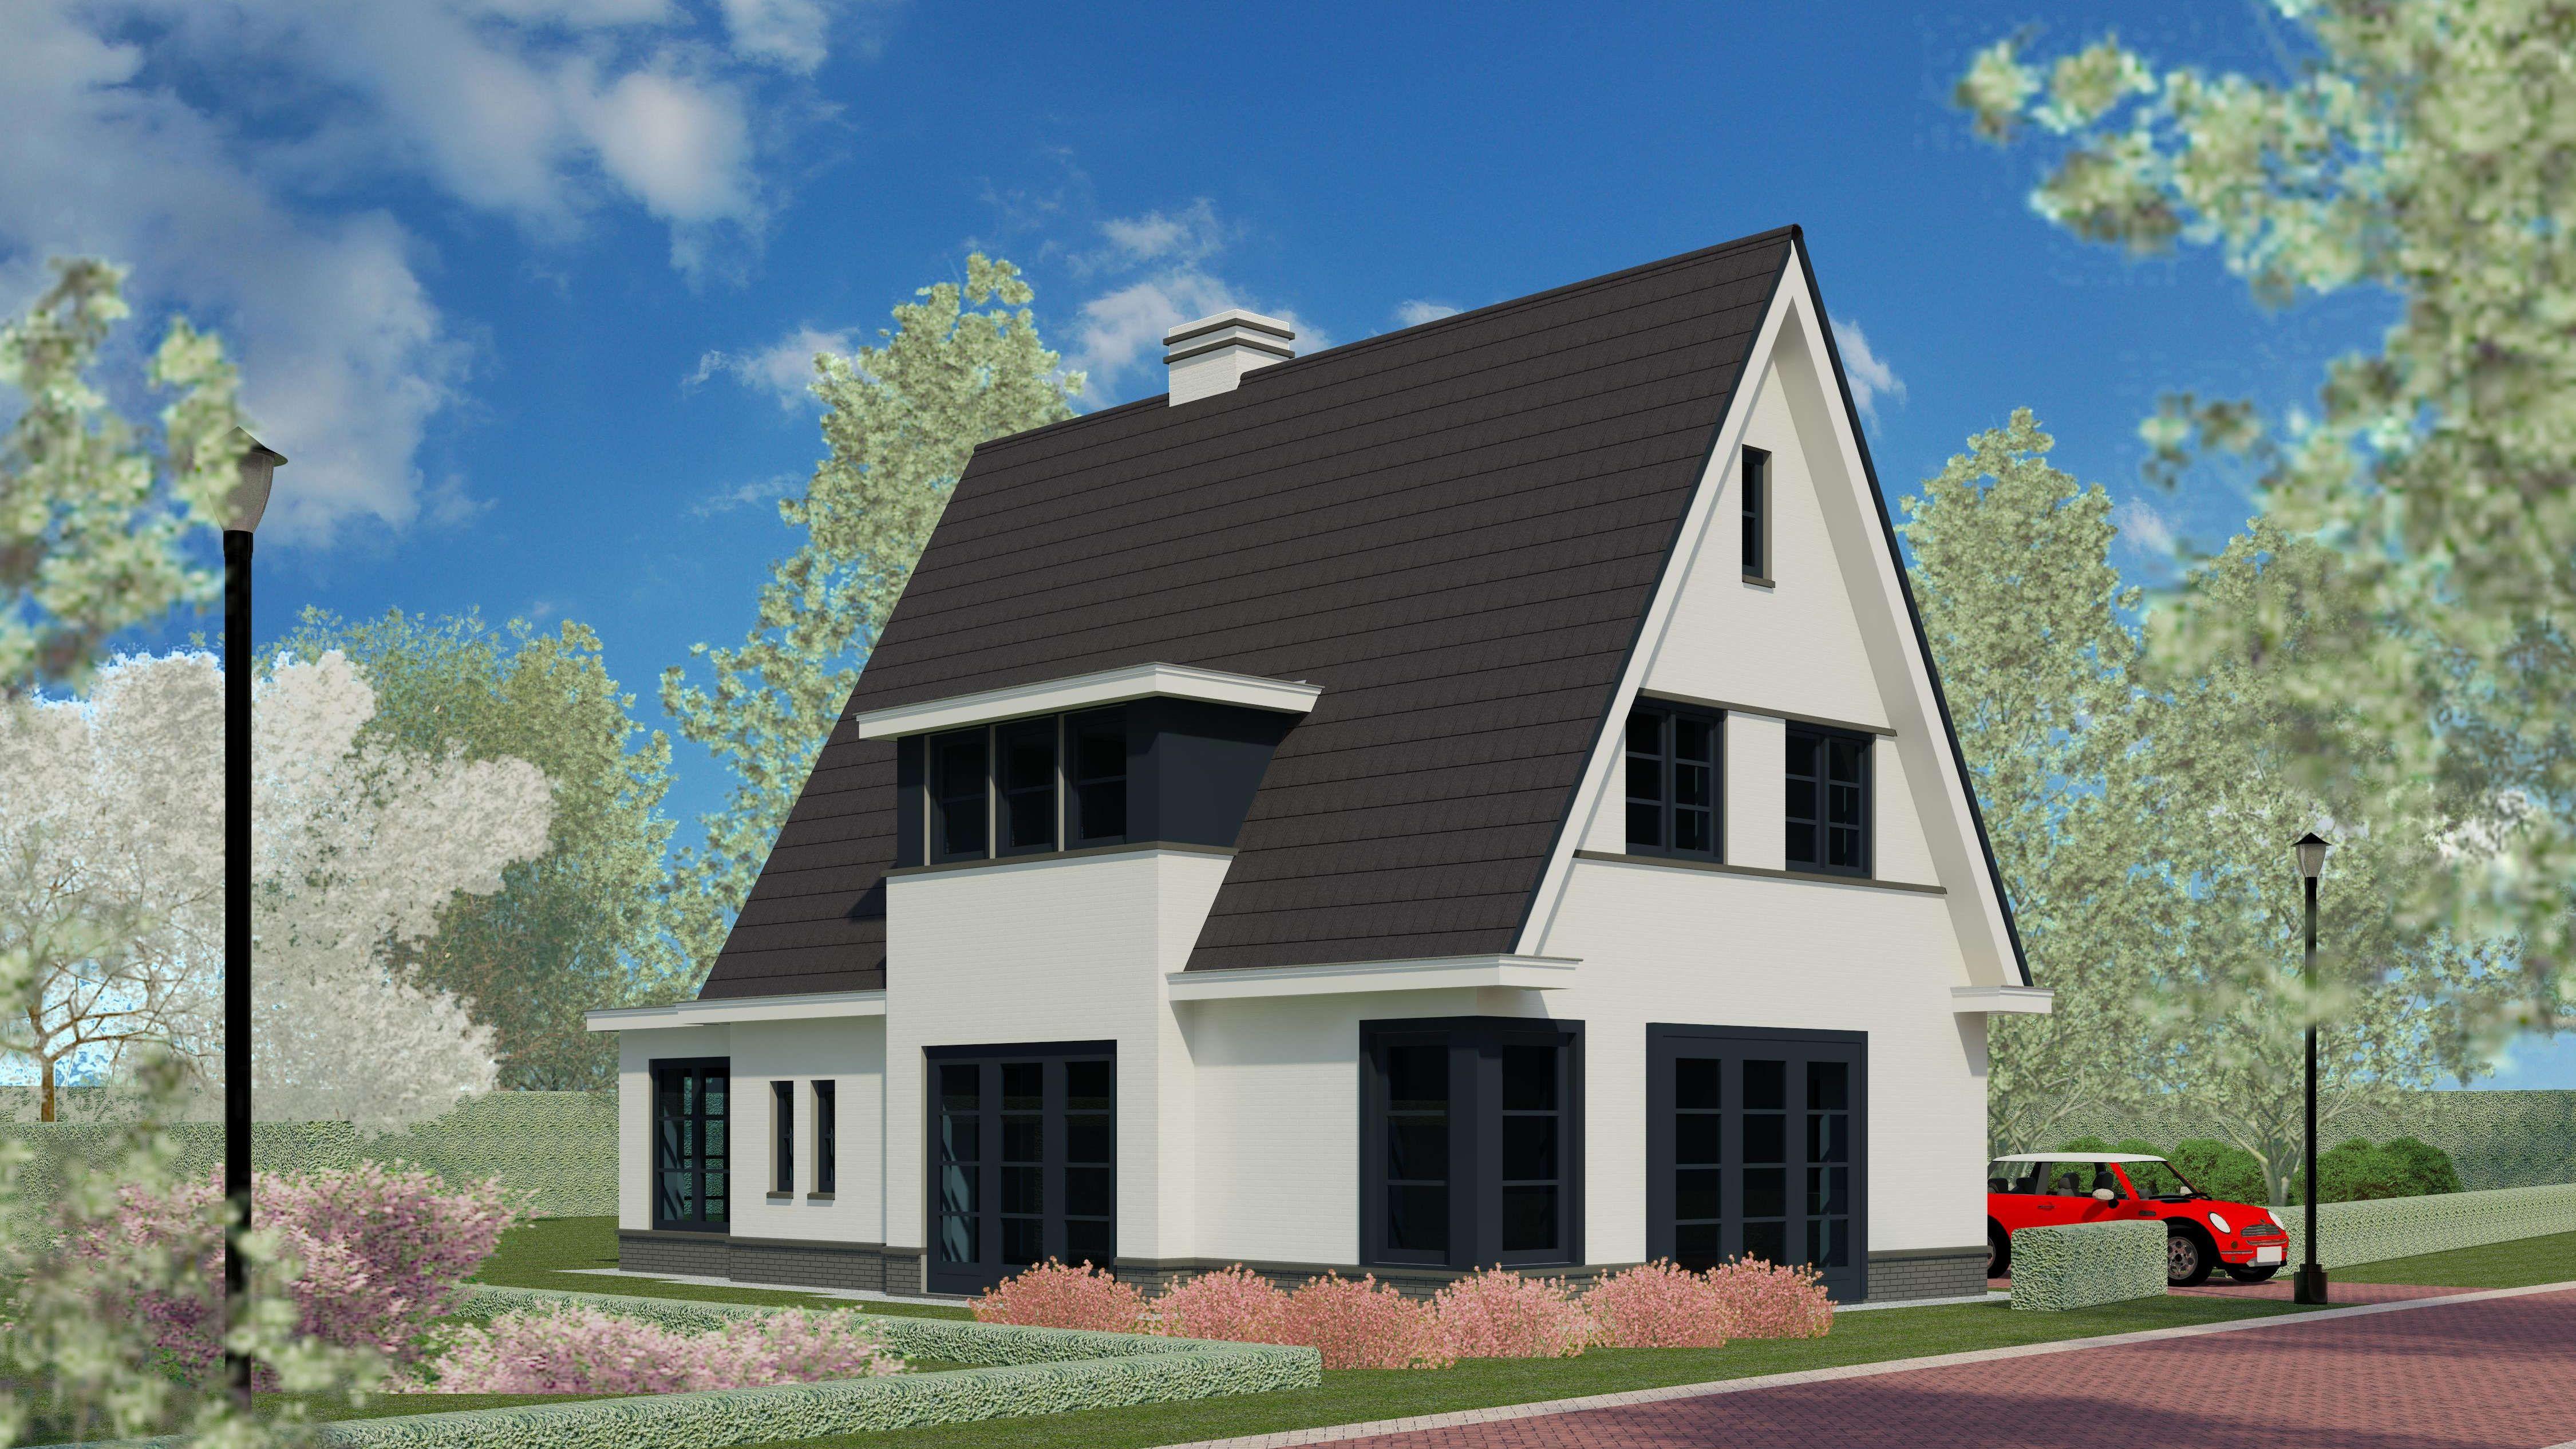 Nieuwbouw woning eigentijds en klassiek jaren 30 wit gekeimd vlakke